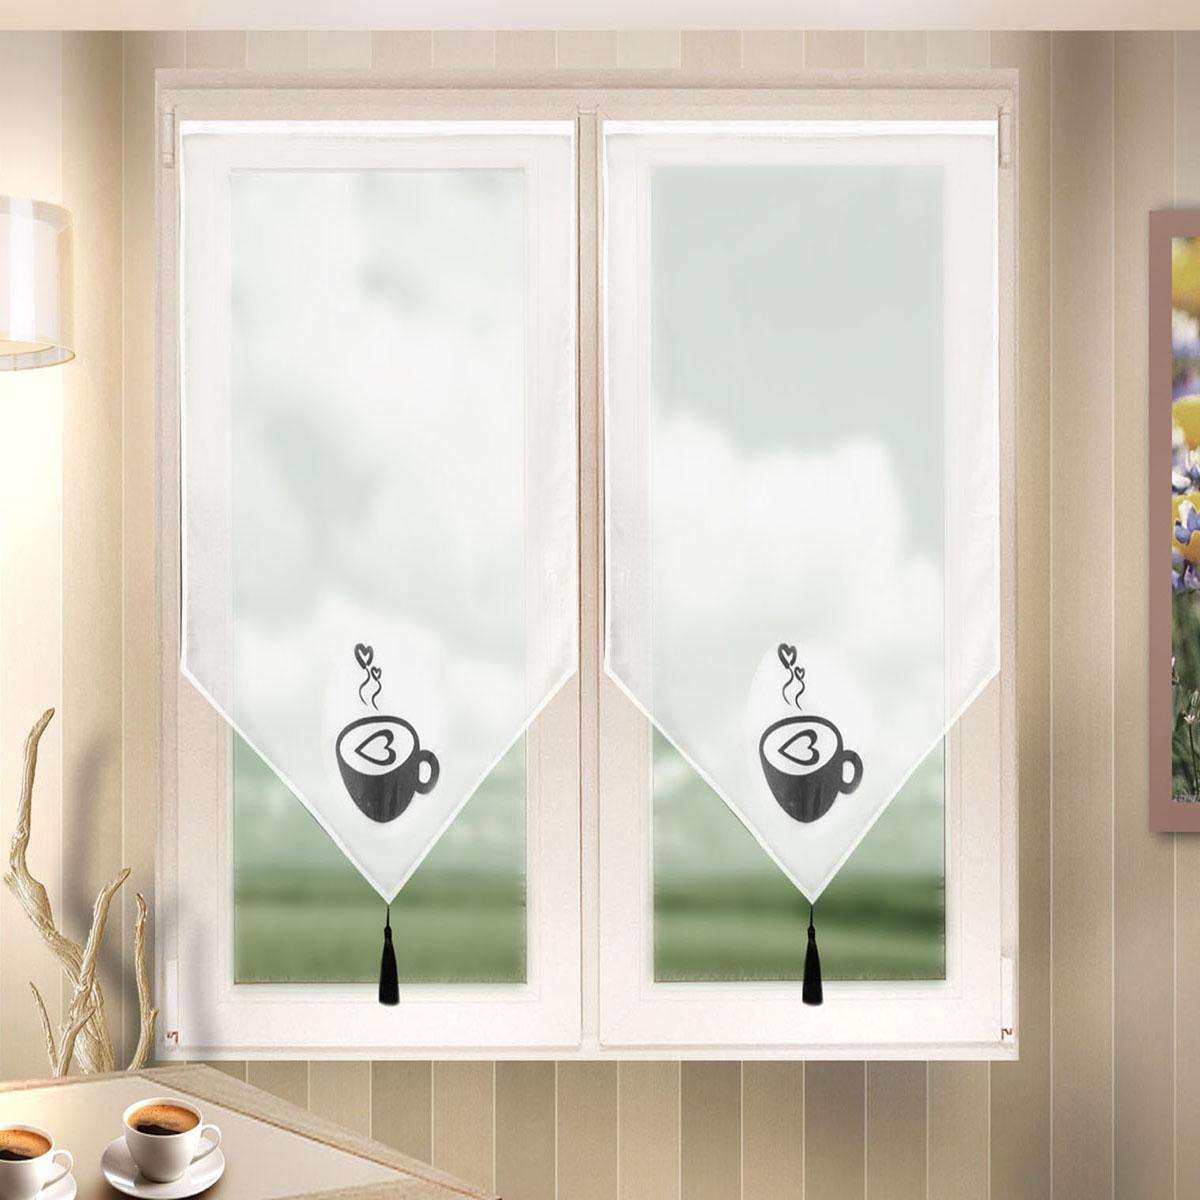 Гардина Zlata Korunka, цвет: белый, ширина 60 см, высота 140 см. 666024666024Лучшая альтернатива рулонным шторам на кухне – шторы на липкой ленте. Особенность этих штор заключается в том, что они имеют липкую основу в месте крепления . Лента или основа надежно и быстро крепится на раму окна, а на нее фиксируется сама штора. Размеры: ширина 60* высота 140